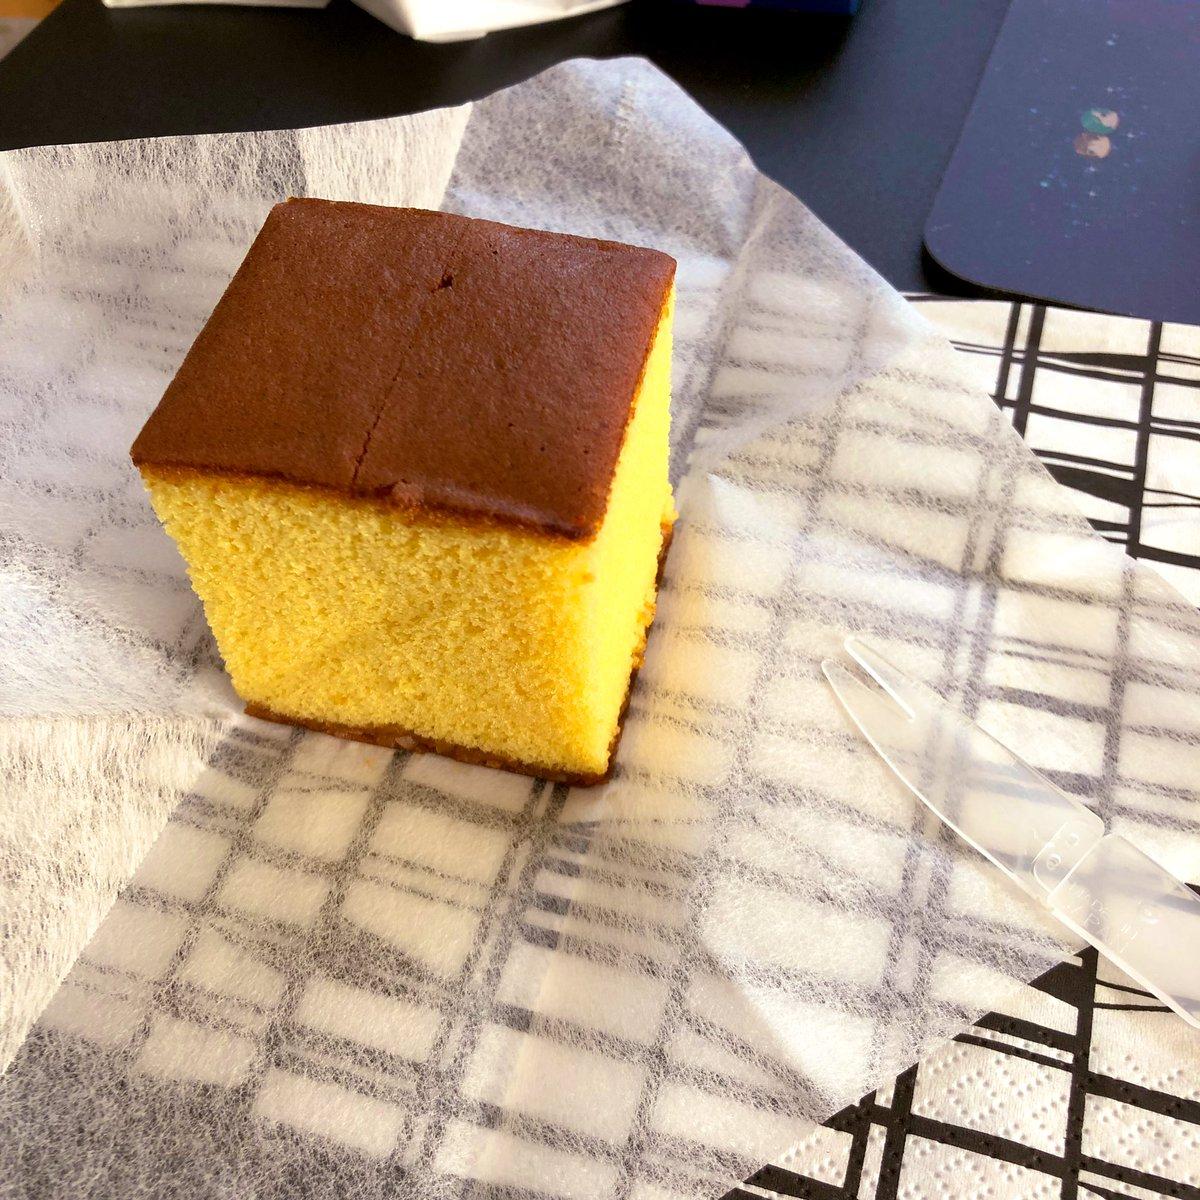 test ツイッターメディア - さっき食べたのは和泉屋さんのカステラだったんだけど、今度は福砂屋さんのカステラ食べる☺️組み立てるフォークが入ってた https://t.co/ttr2ZMJPxl